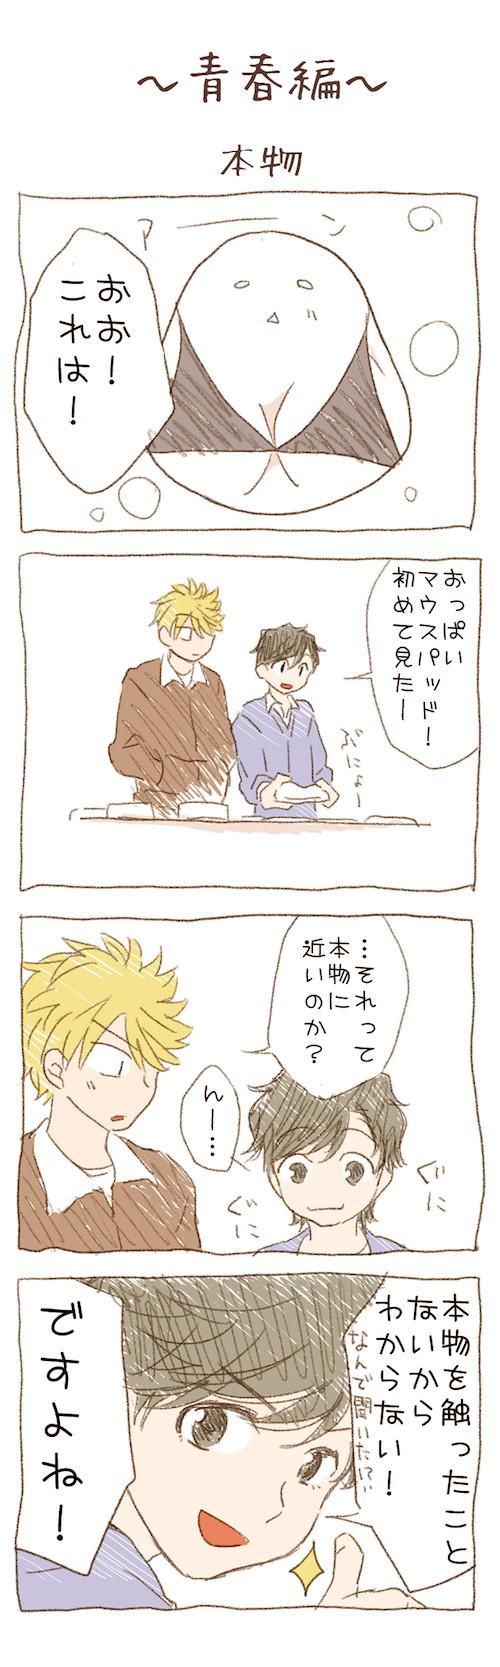 番外編_009